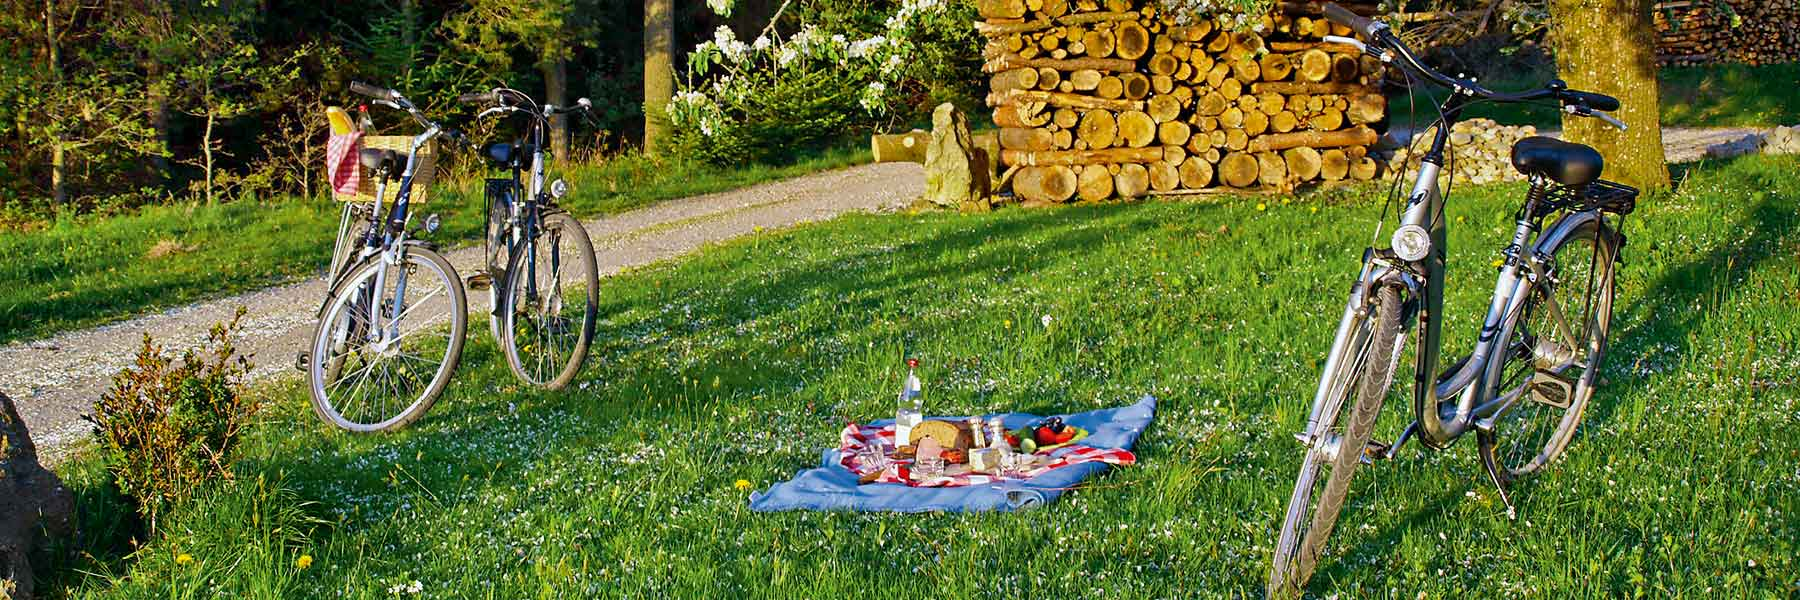 Picknick während einer Fahrradtour in Bad Birnbach